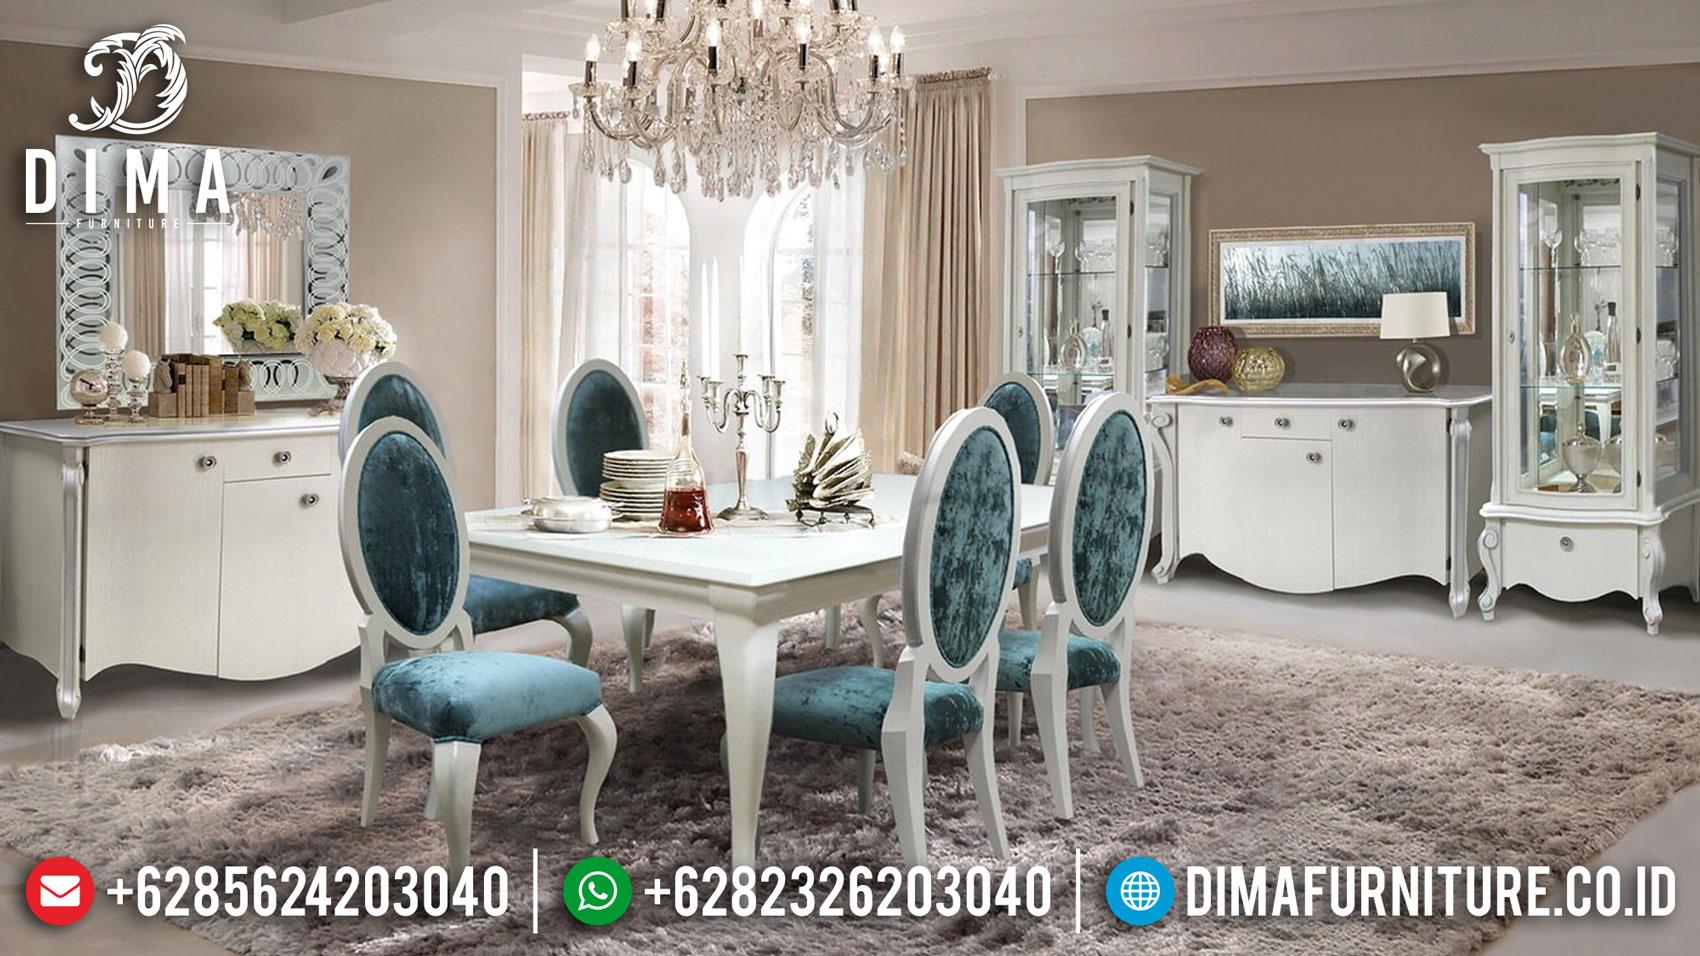 Harga Meja Makan Minimalis Art Deco Koltuk Luxury Design Mebel Jepara ST-1127